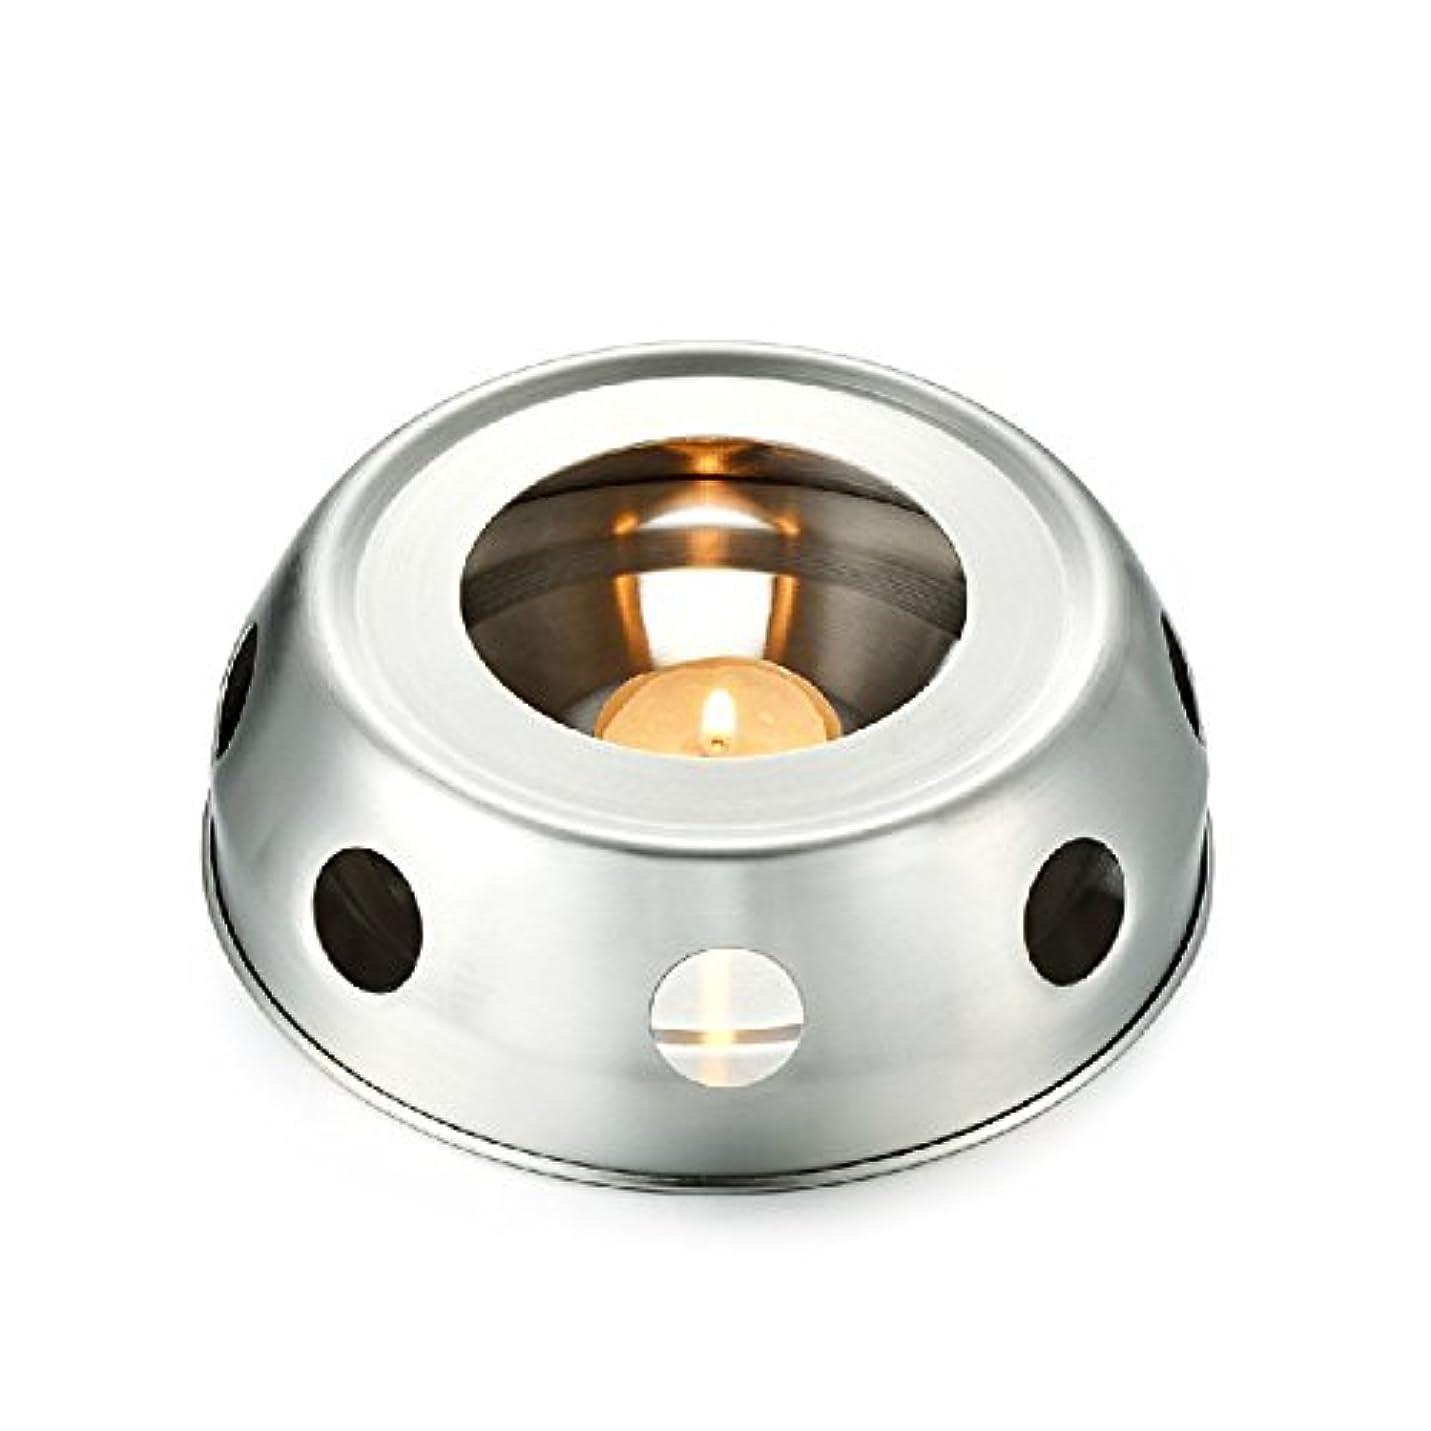 シード取り囲む嫌がらせfunnytoday365 Teaヒーター暖房のティーポットincenseplate Essencial OilステンレススチールFurnace Candleヒーターストーブ